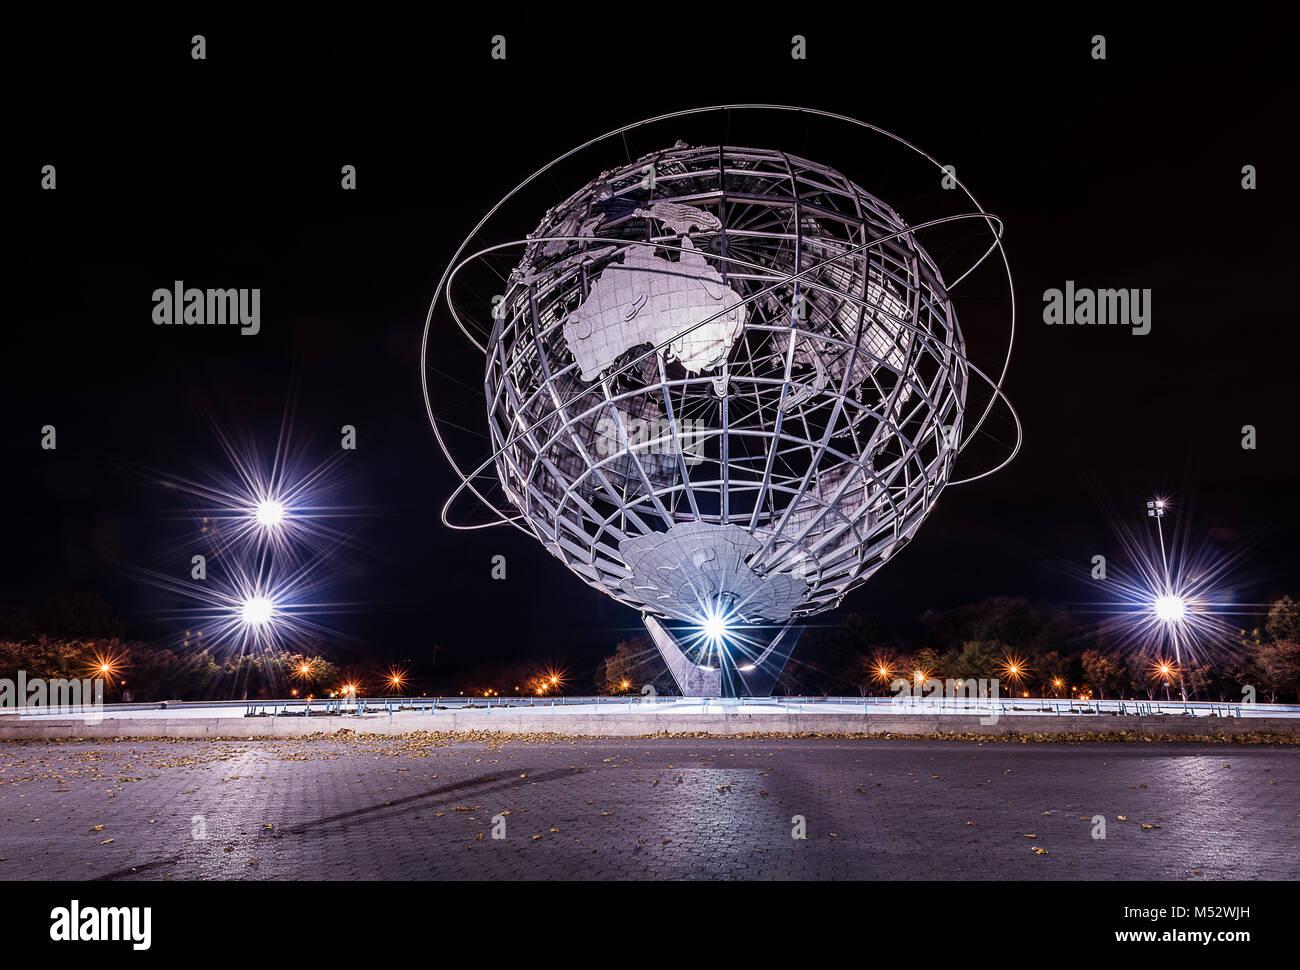 La Iluminación Nocturna De Larga Exposición De Worlds Fair Unisphere